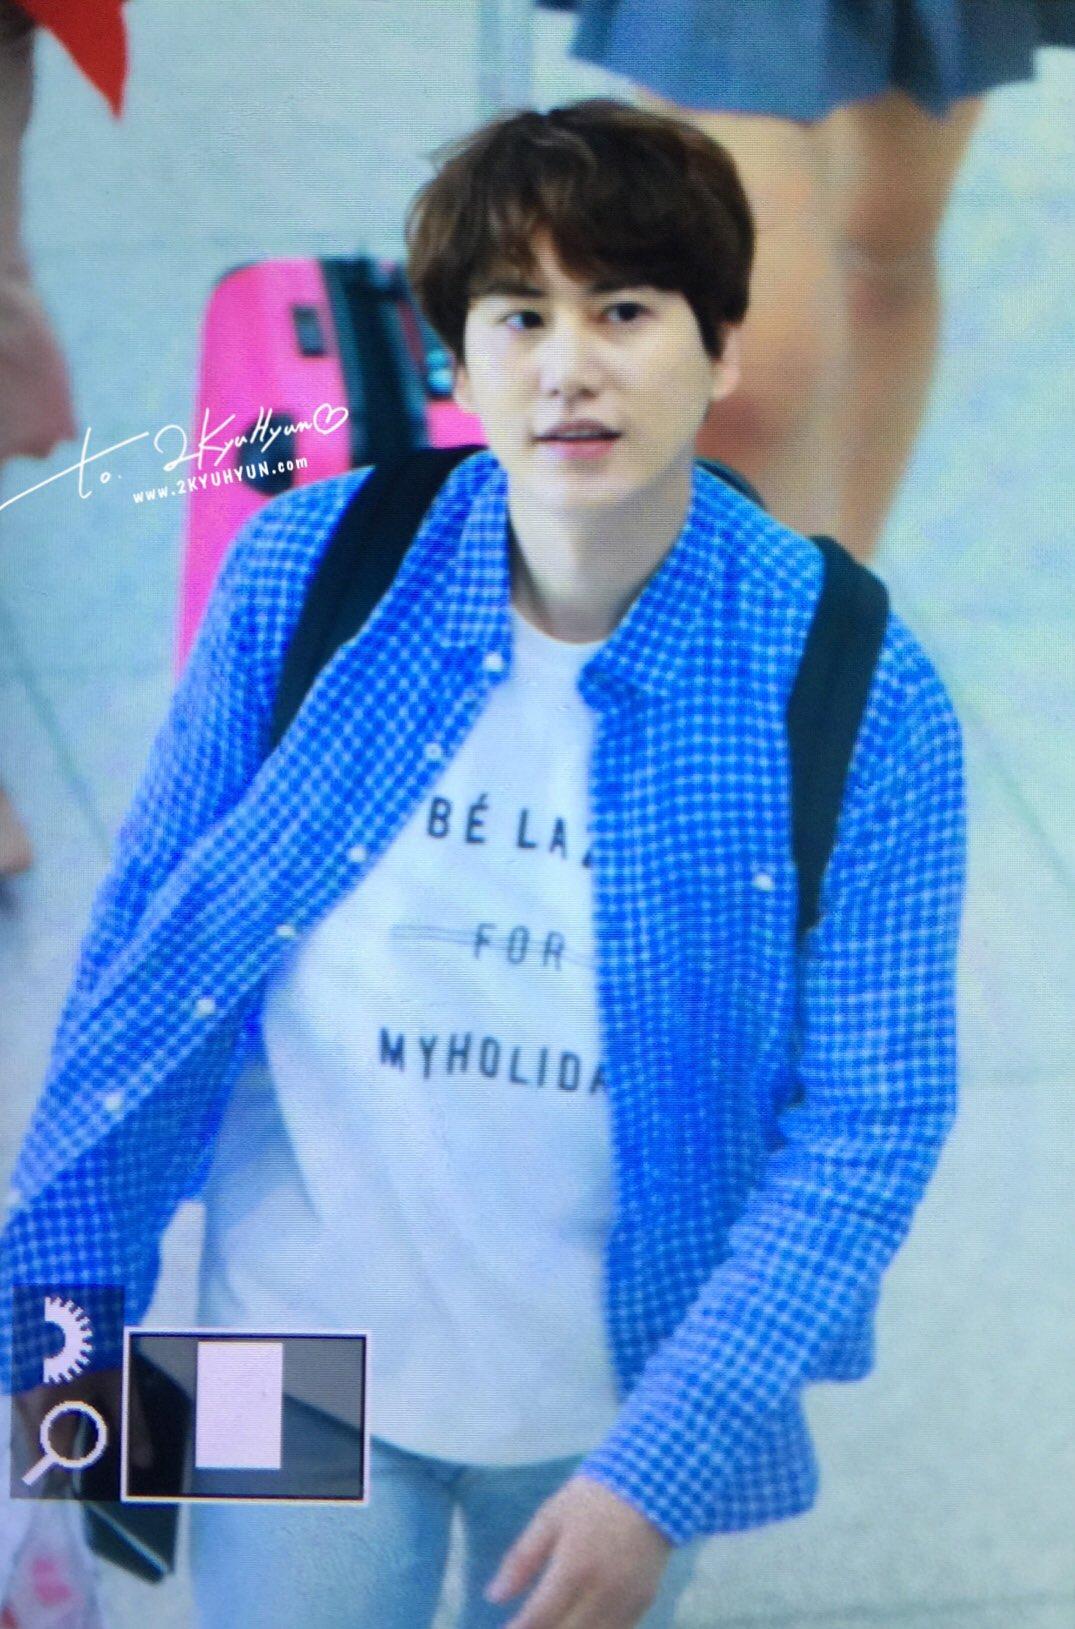 170507 신서유기 인천공항 출국 :) #Kyuhyun at ICN Airport ❤ (7) cr. @2kyuhyun https://t.co/QXaF5NXkXD